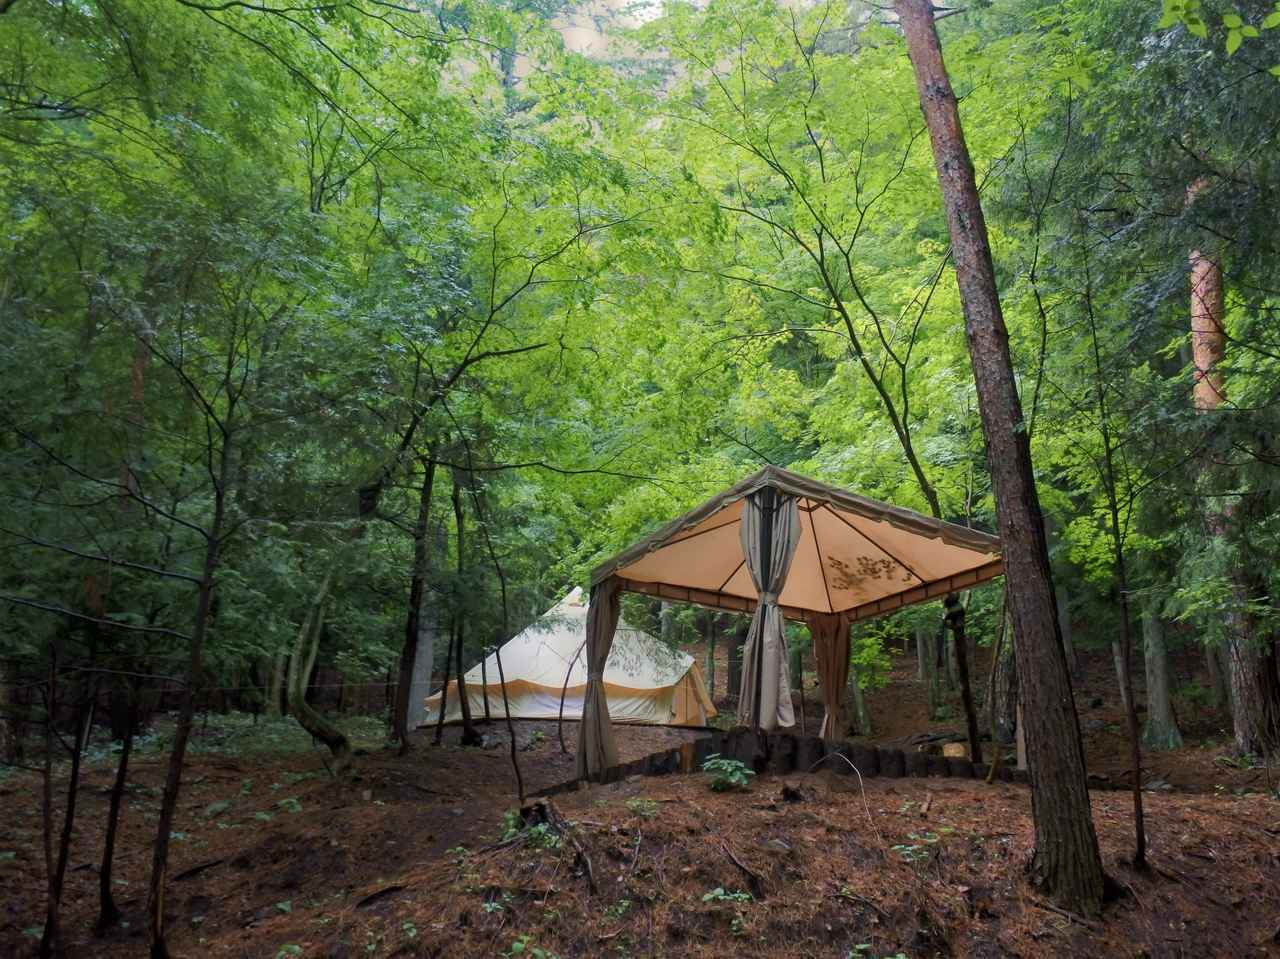 画像2: 林の中、思い思いの場所でスイーツを楽しむ。これもグランピングリゾートの醍醐味!